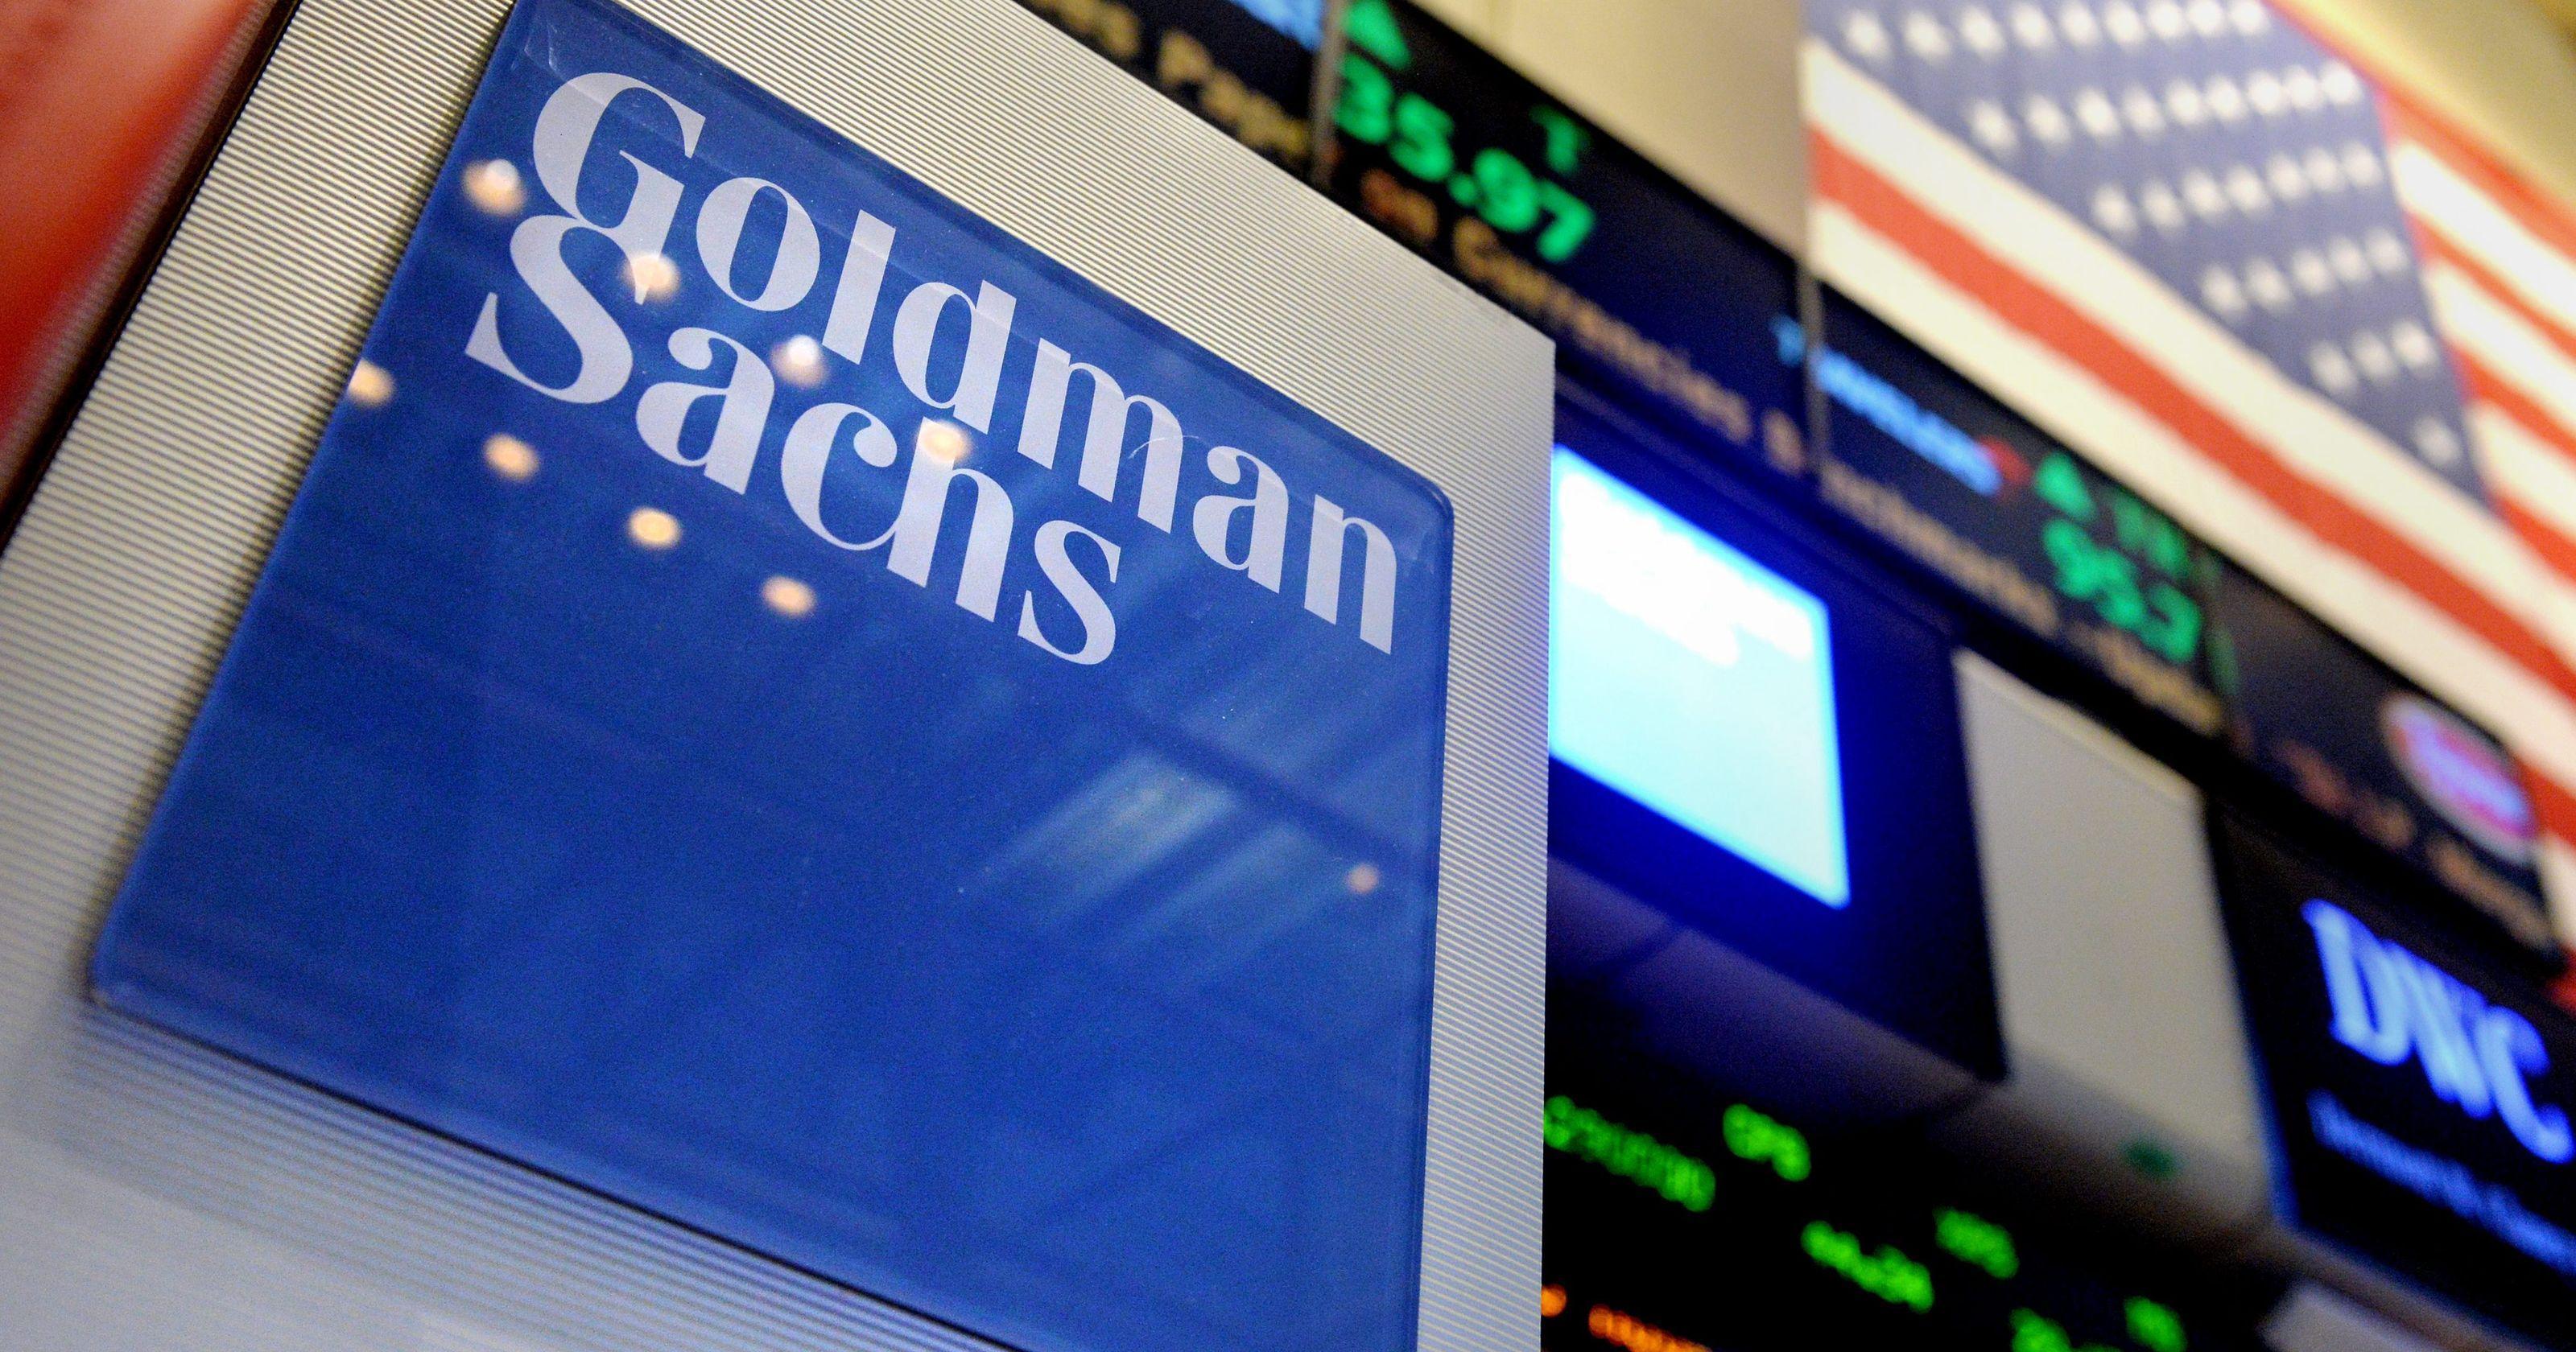 Goldman Sachs: Neft hasilatı məhdudlaşdırılmasa, qiymət 40 dollar/barelə düşəcək